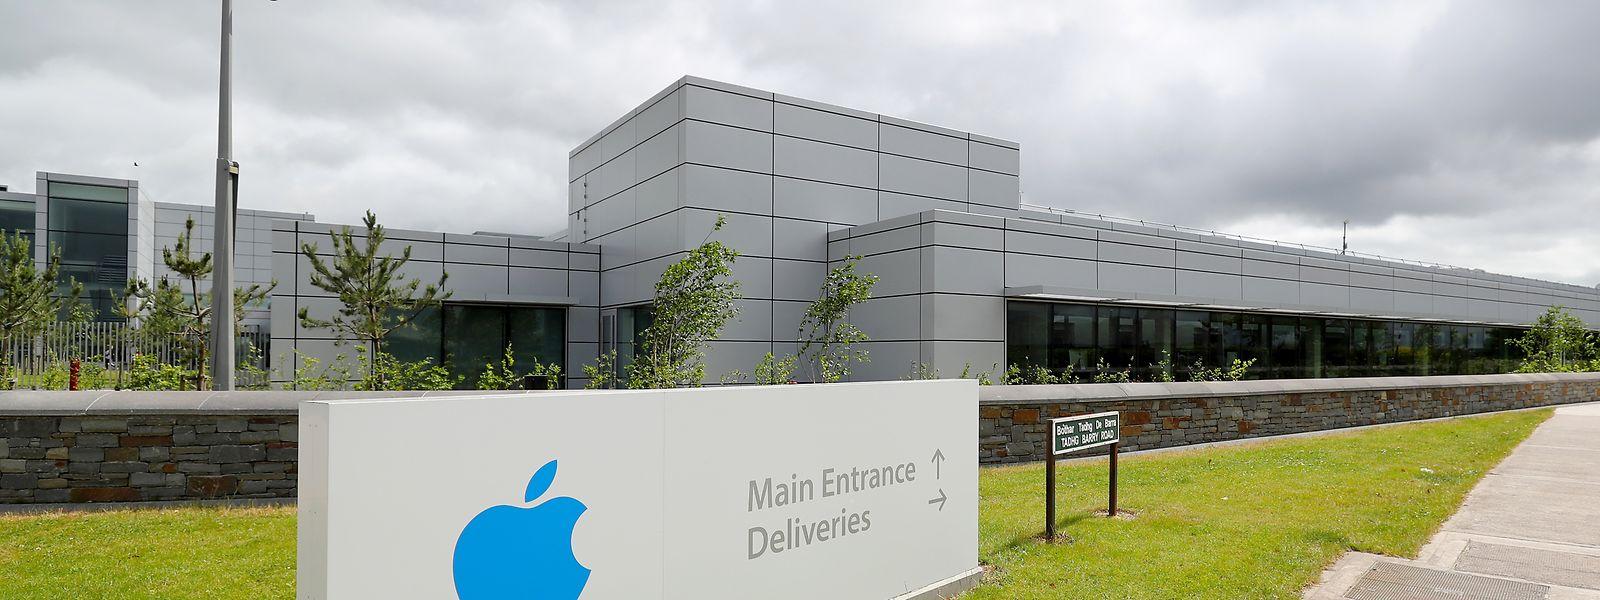 """Ein Blick auf die europäische Zentrale des Technologieunternehmens Apple im Hollyhill Industriepark im irischen Cork. (Zu dpa """"Apple und EU-Kommission streiten vor Gericht um 13 Milliarden Euro"""") Foto: Niall Carson/PA Wire/dpa +++ dpa-Bildfunk +++"""